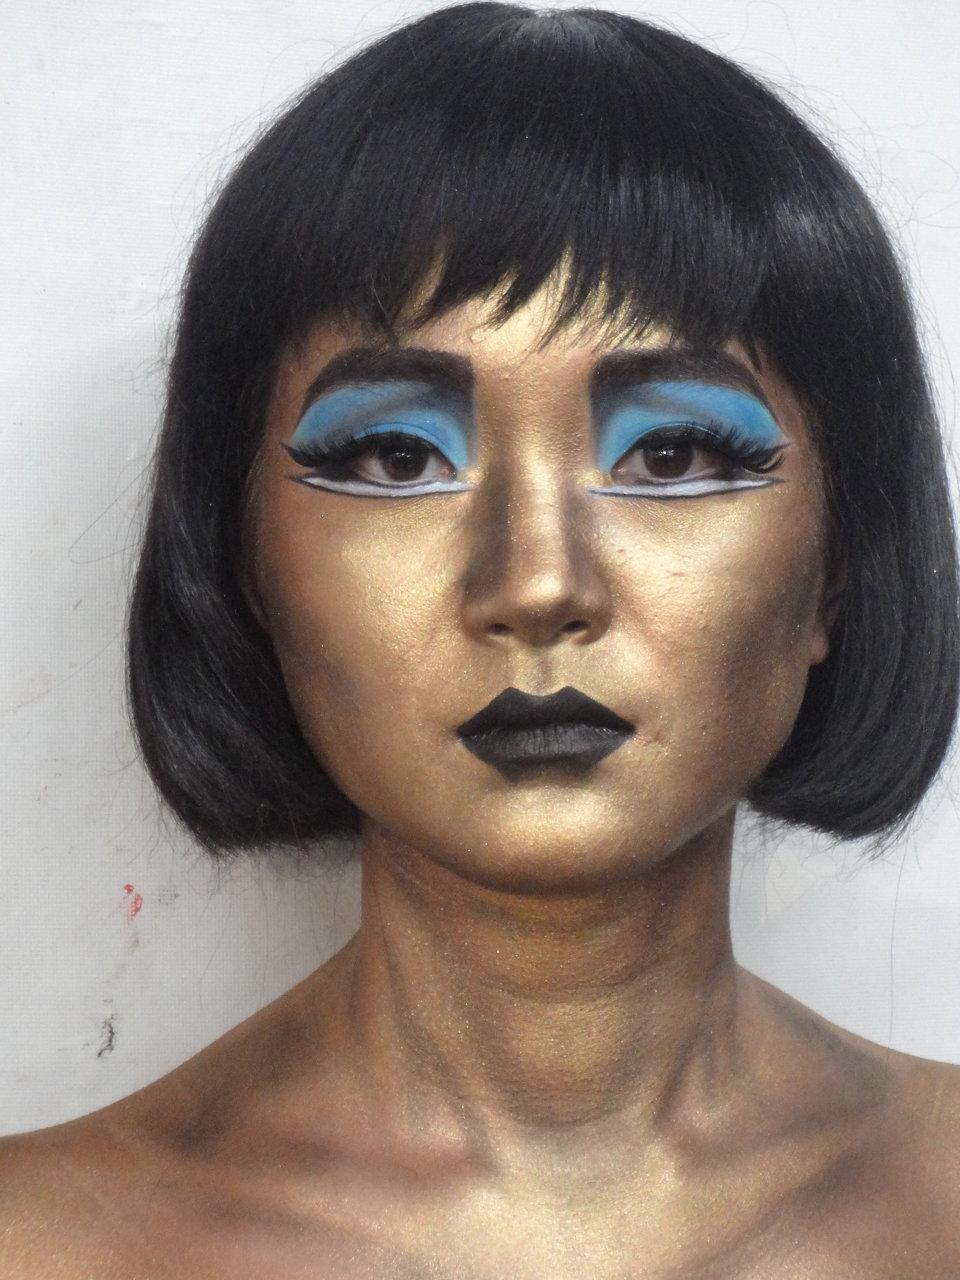 Make-up & Wig